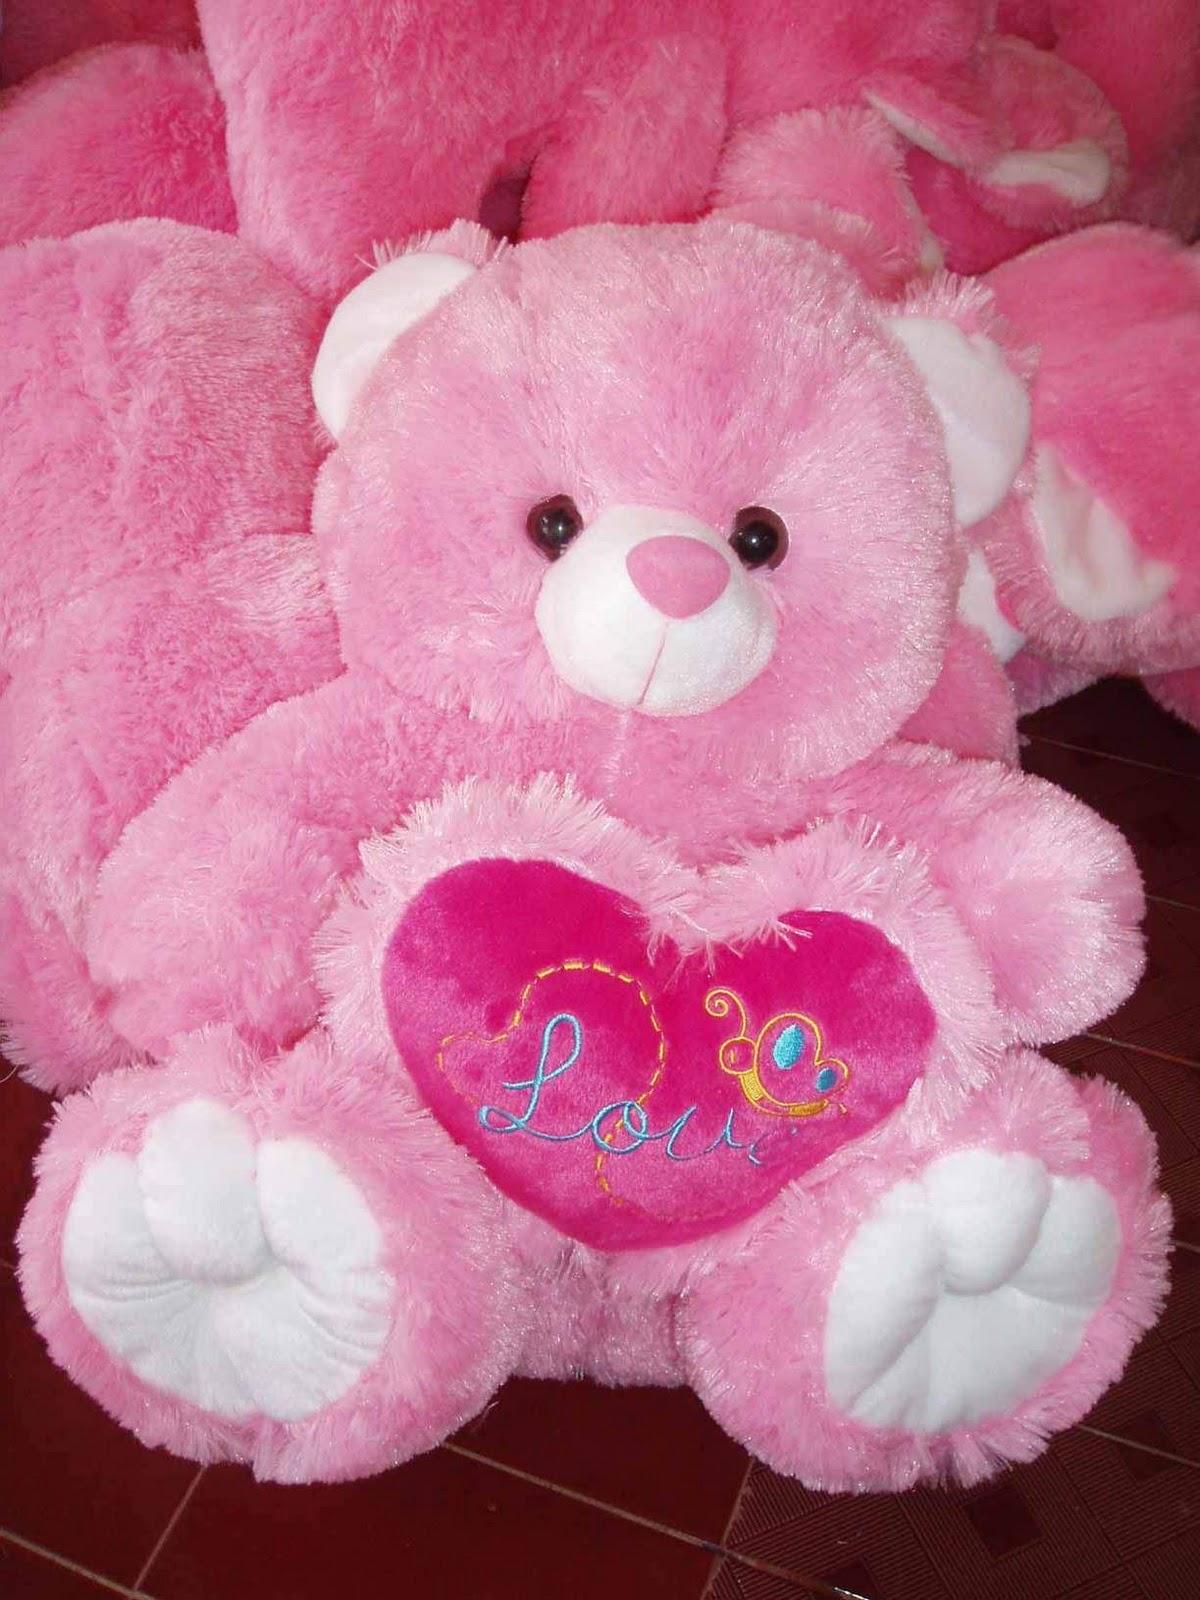 Kumpulan Gambar Foto Boneka Hello Kitty Danbo Naranua